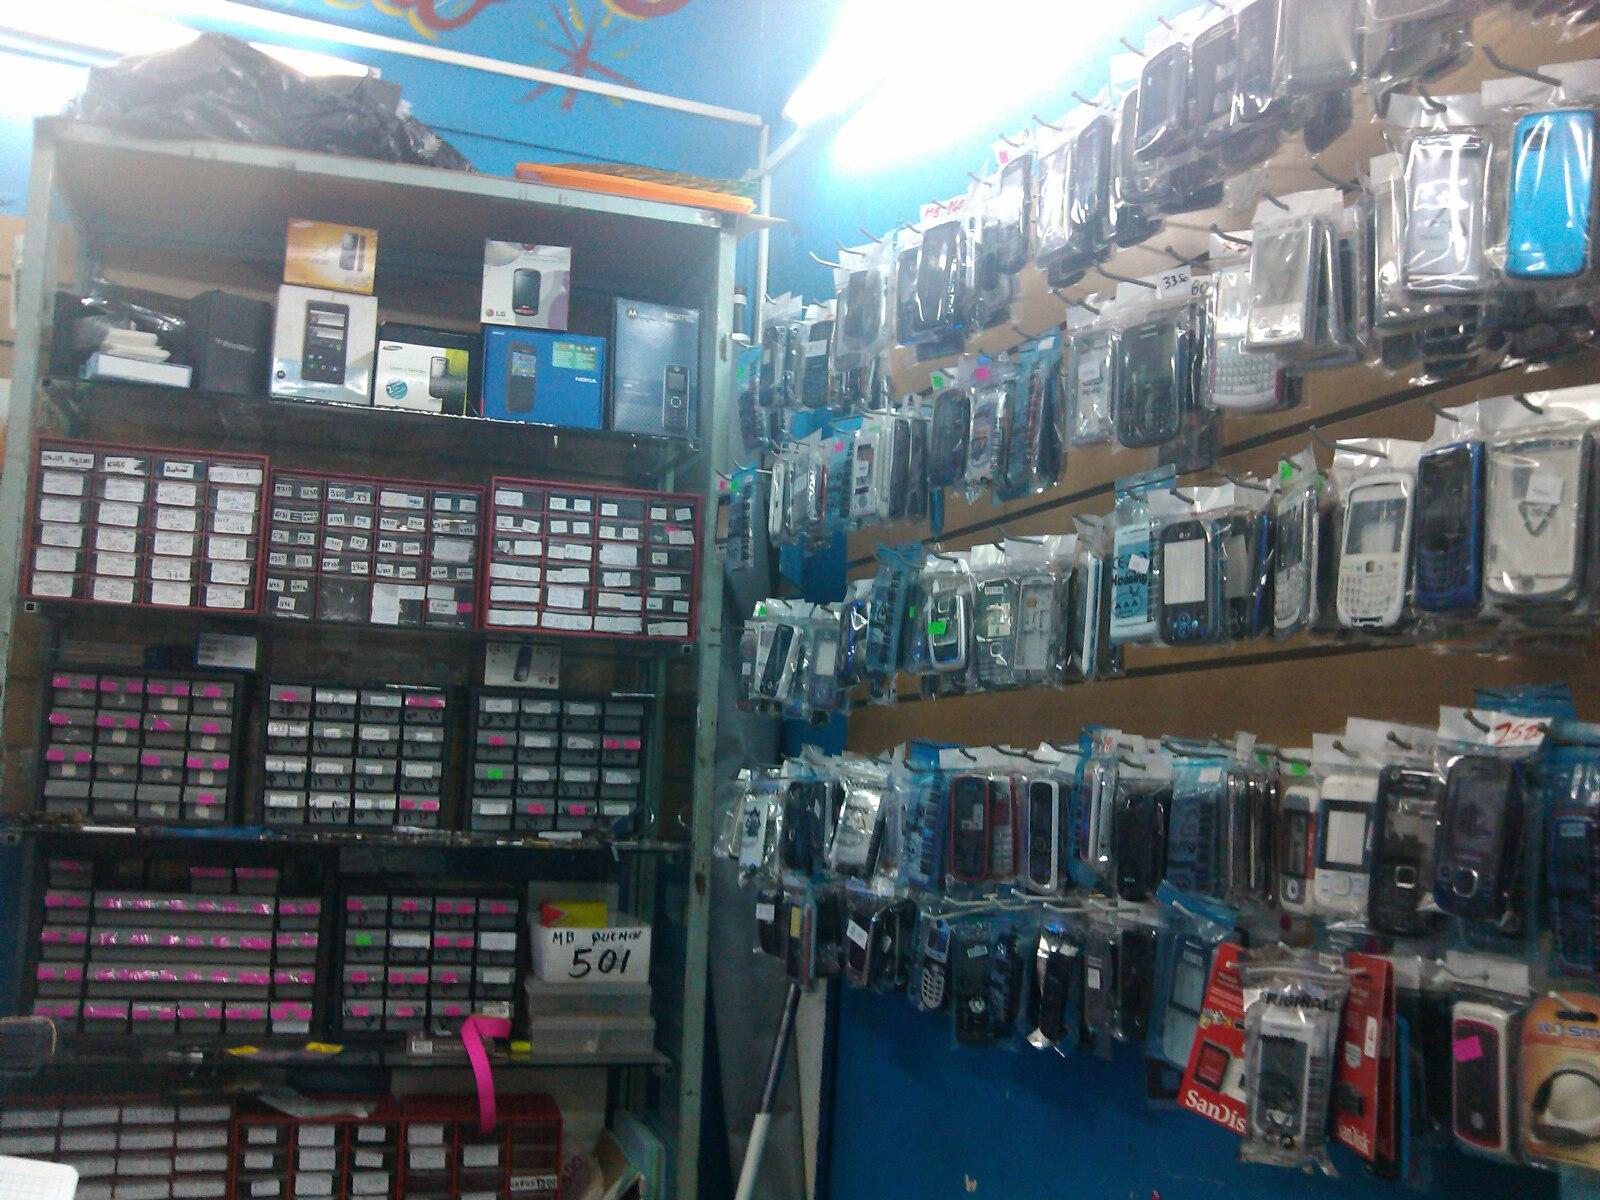 e444c97fb72b ventas por mayor y menor de accesorios para celulares como cargadores